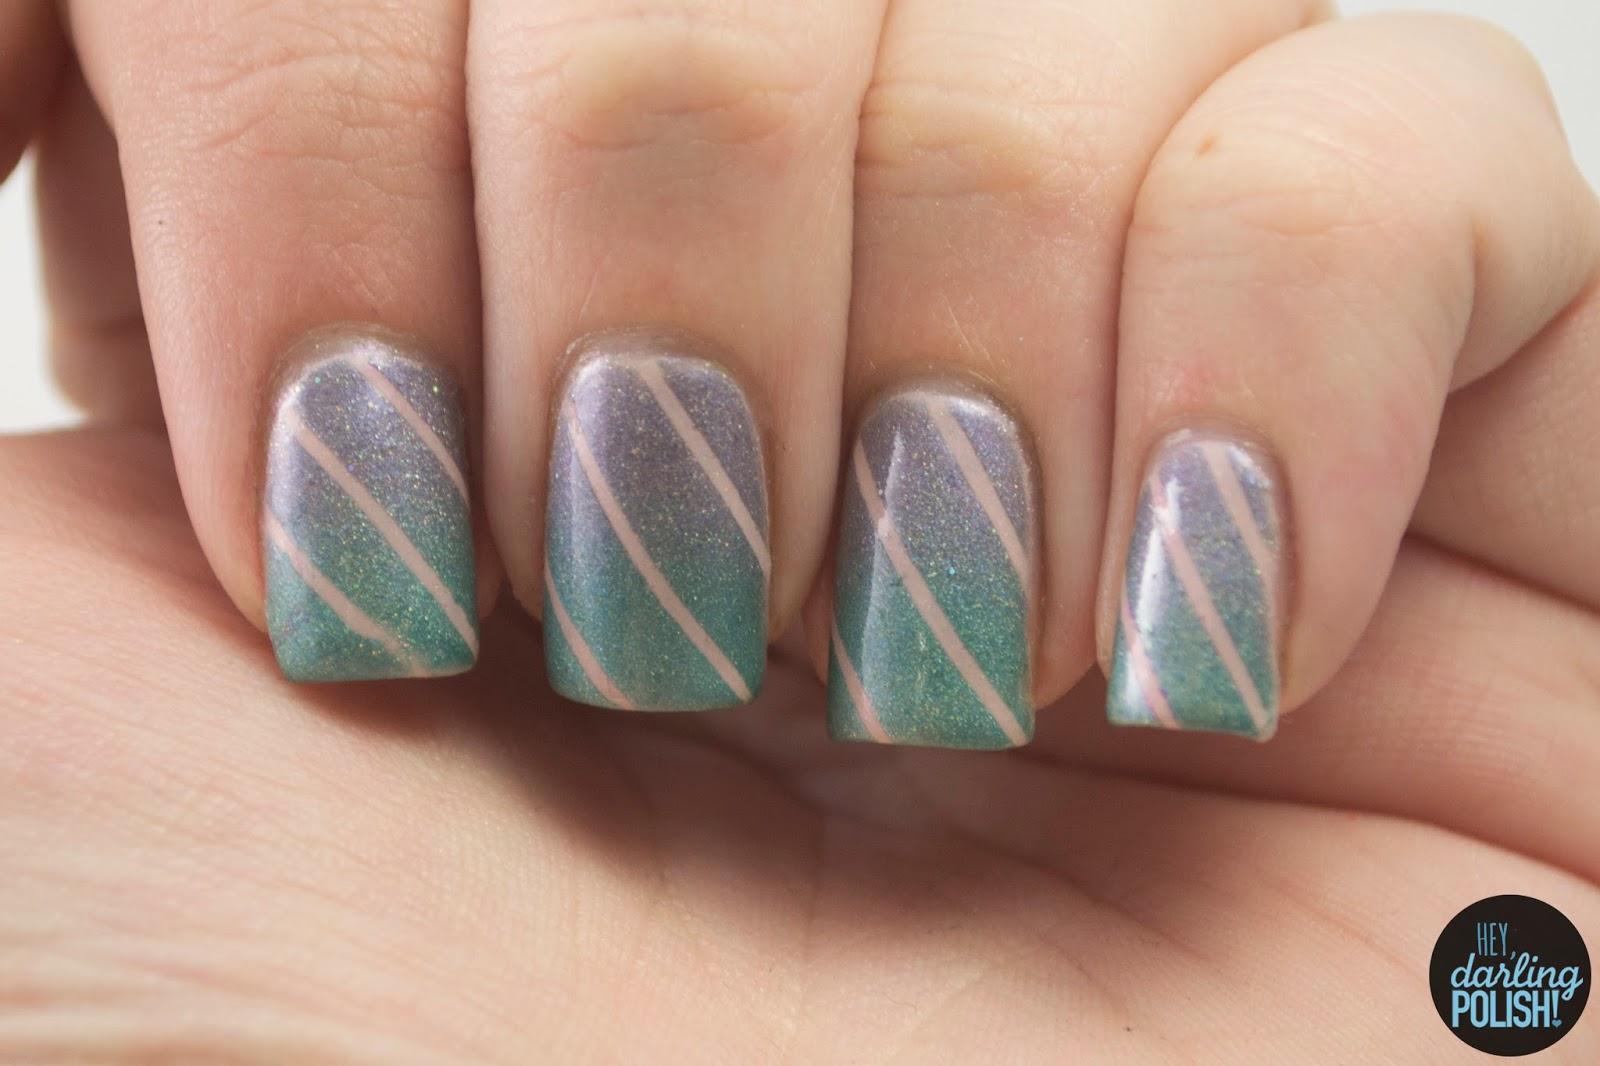 nails, nail art, nail polish, polish, gradient, teal, purple, pink, hey darling polish, indie, indie polish, indie nail polish, squishy face polish